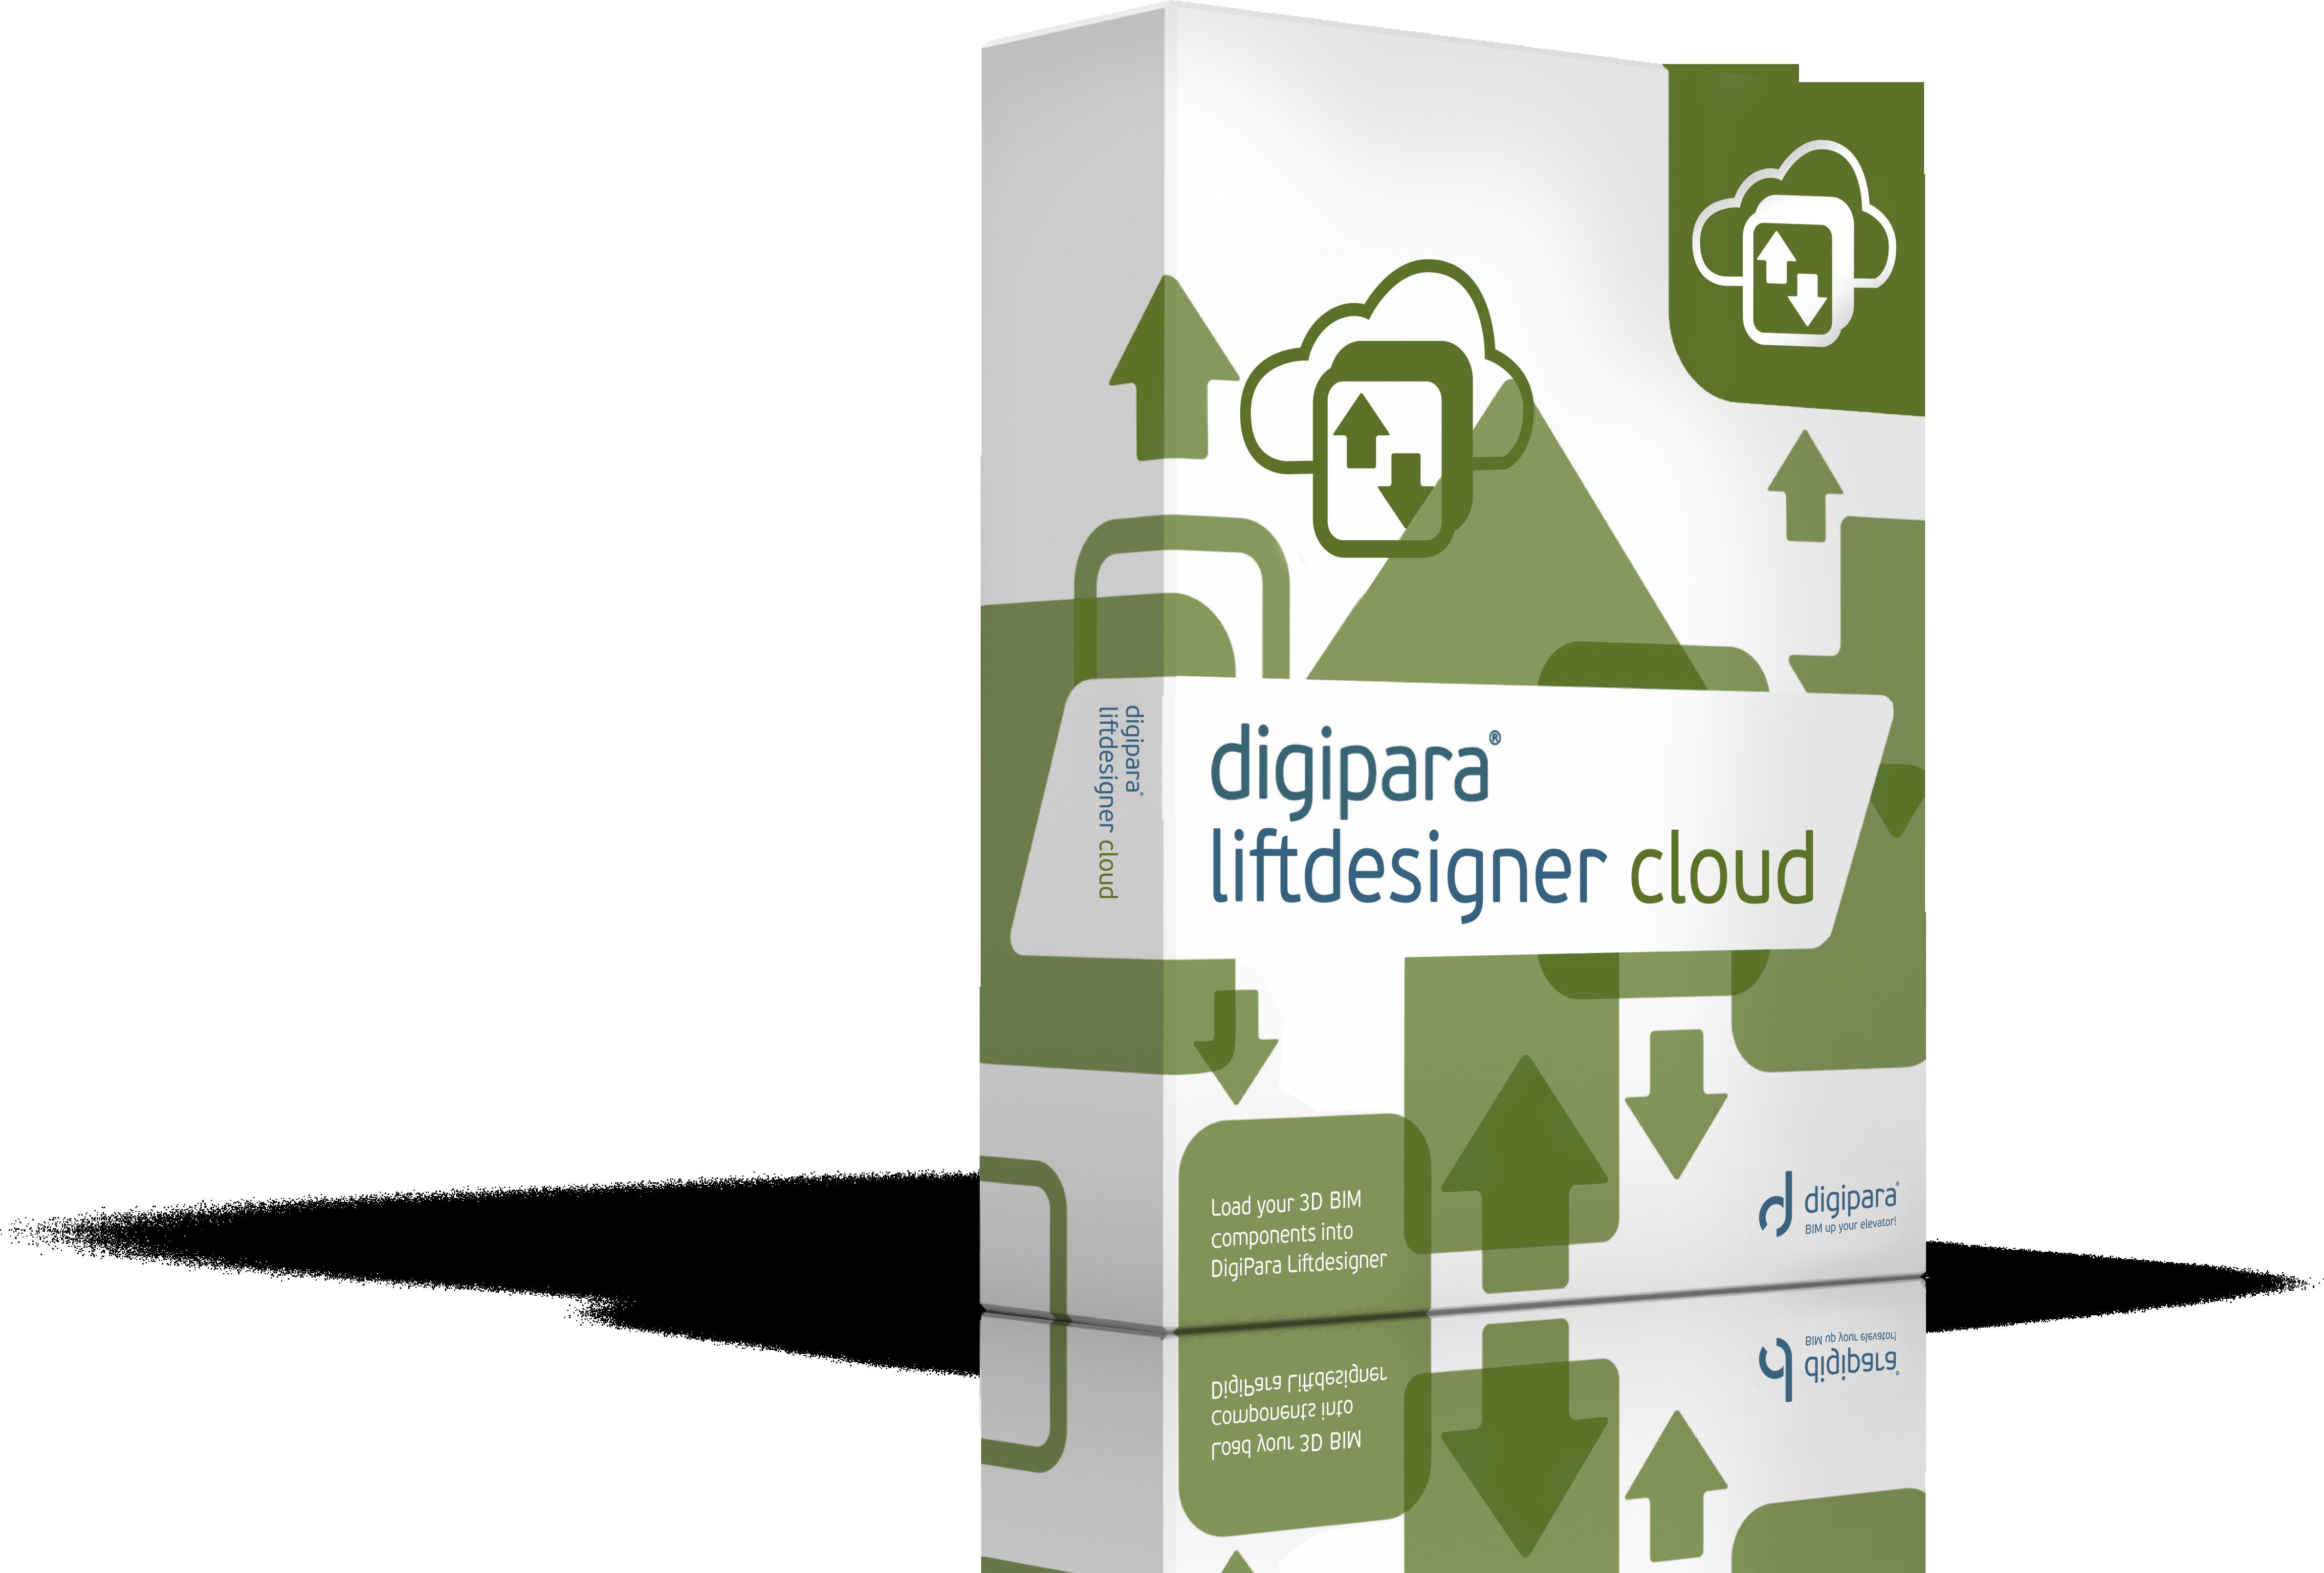 Products | DigiPara